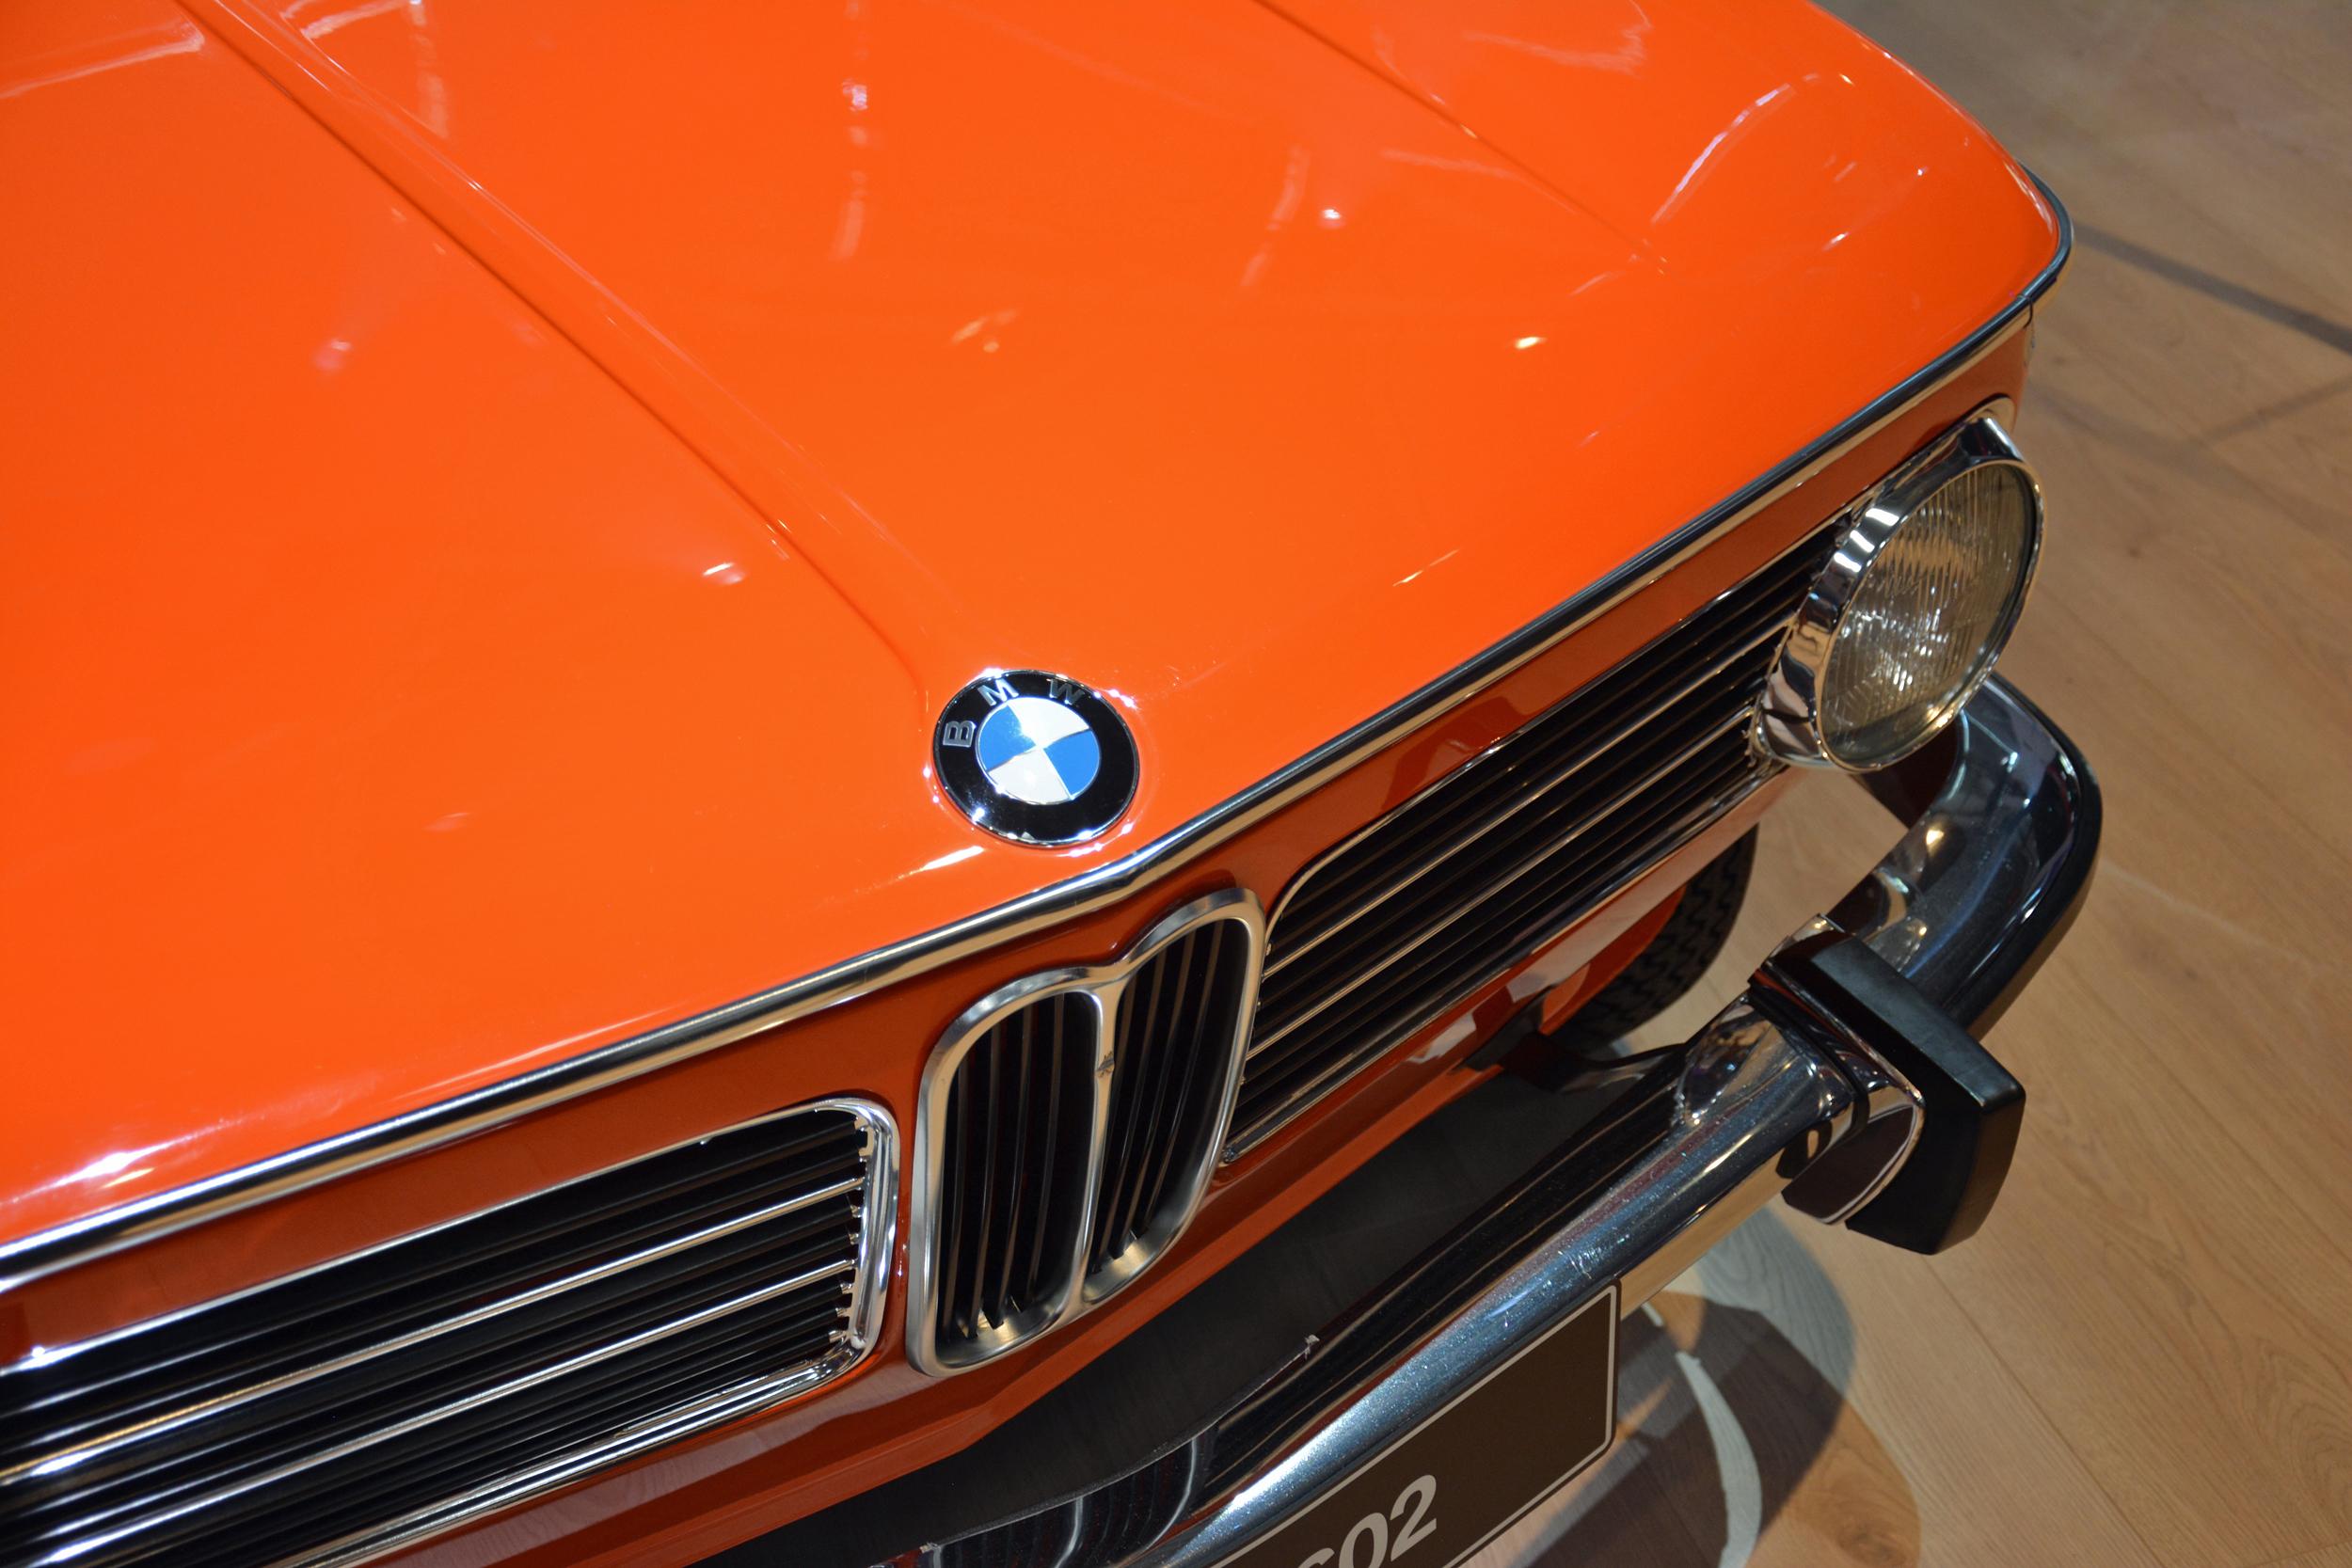 1972 BMW 1602 electric car front end emblem